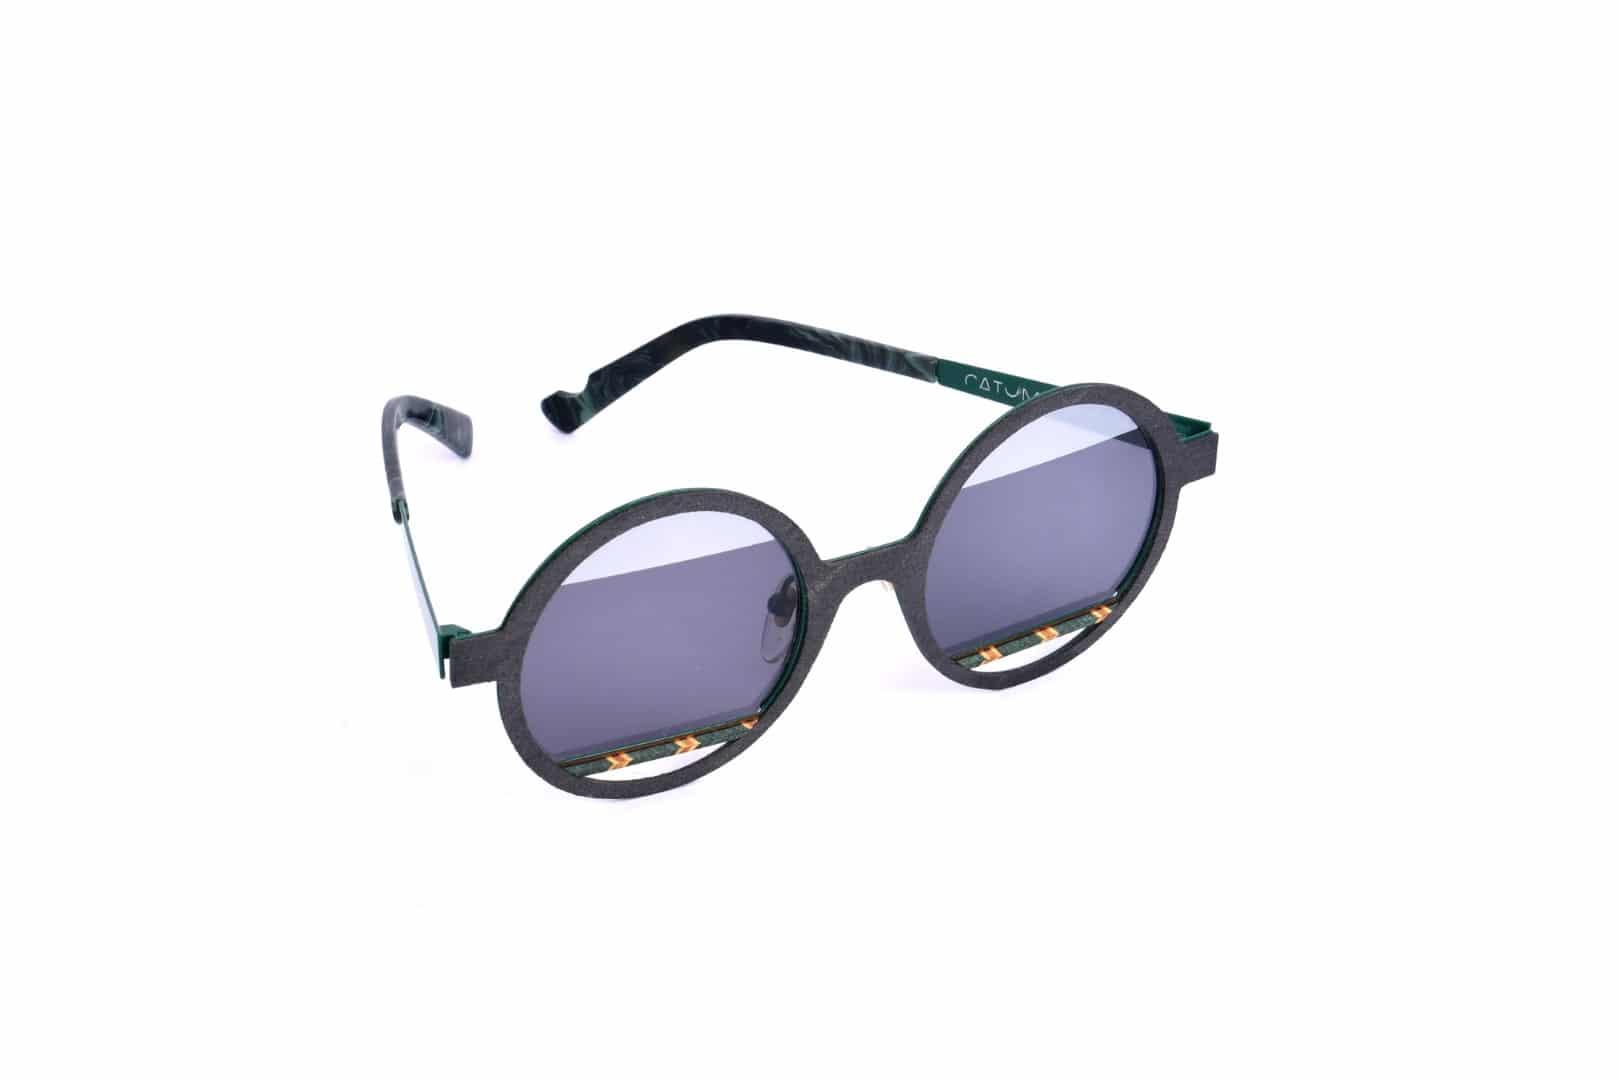 משקפי שמש עמידות - אופטיקה יפעת, אופטומטריסטית מומלצת בנתניה